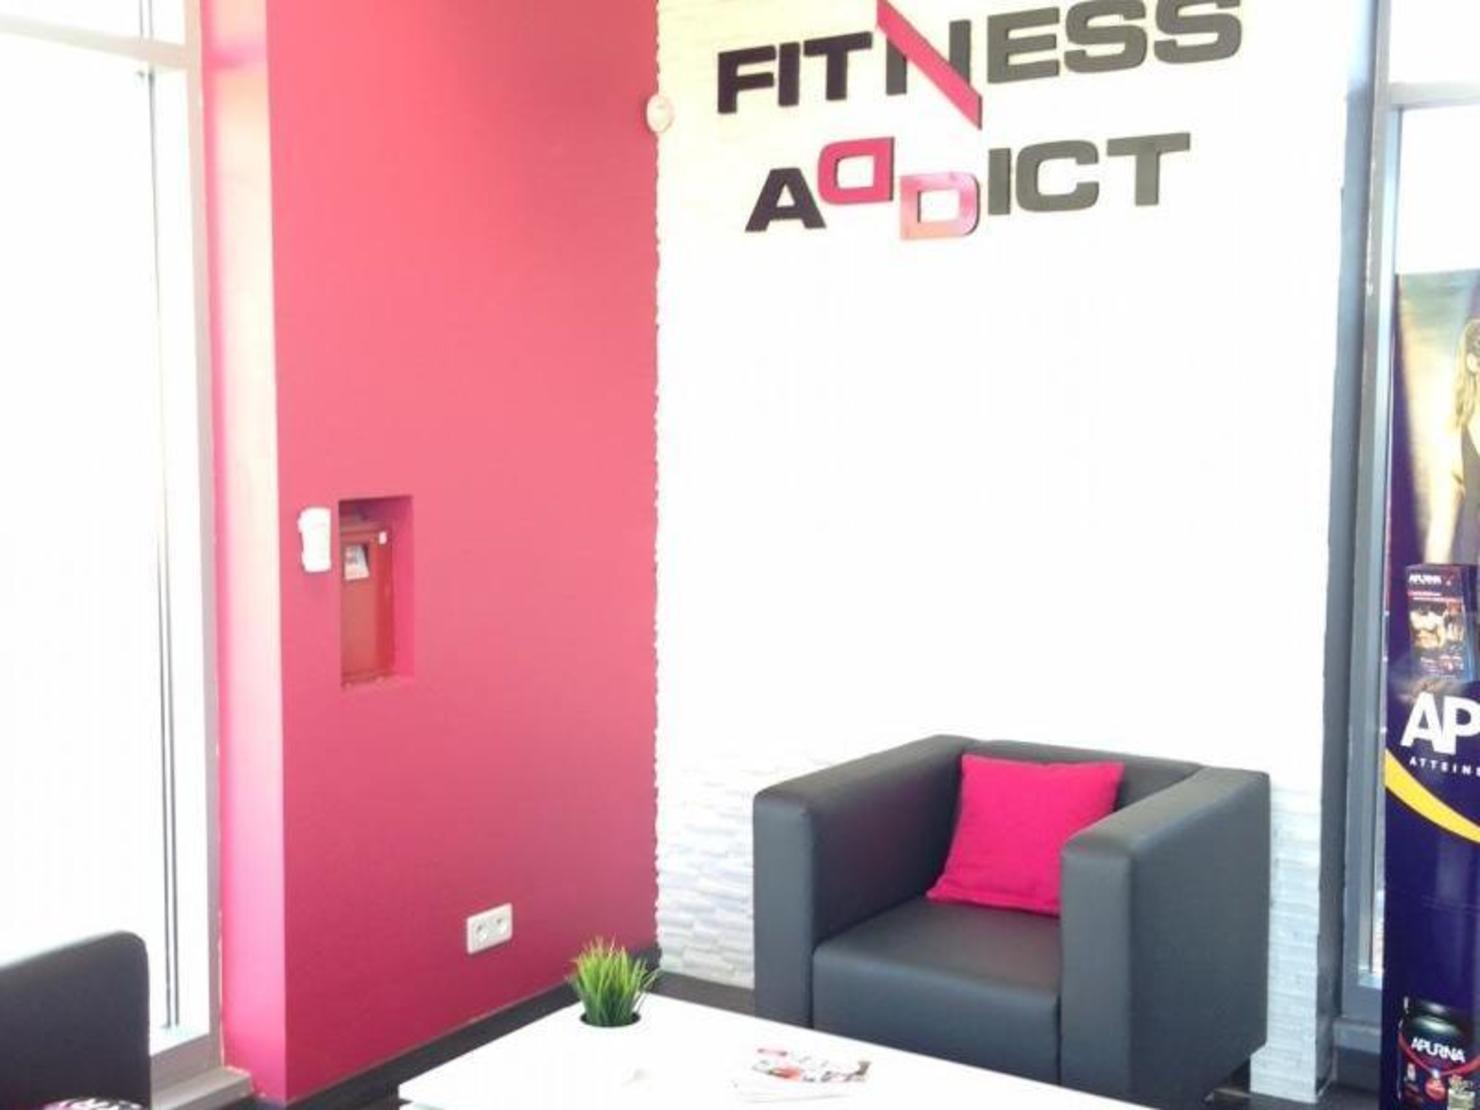 Fitness Addict Vitry